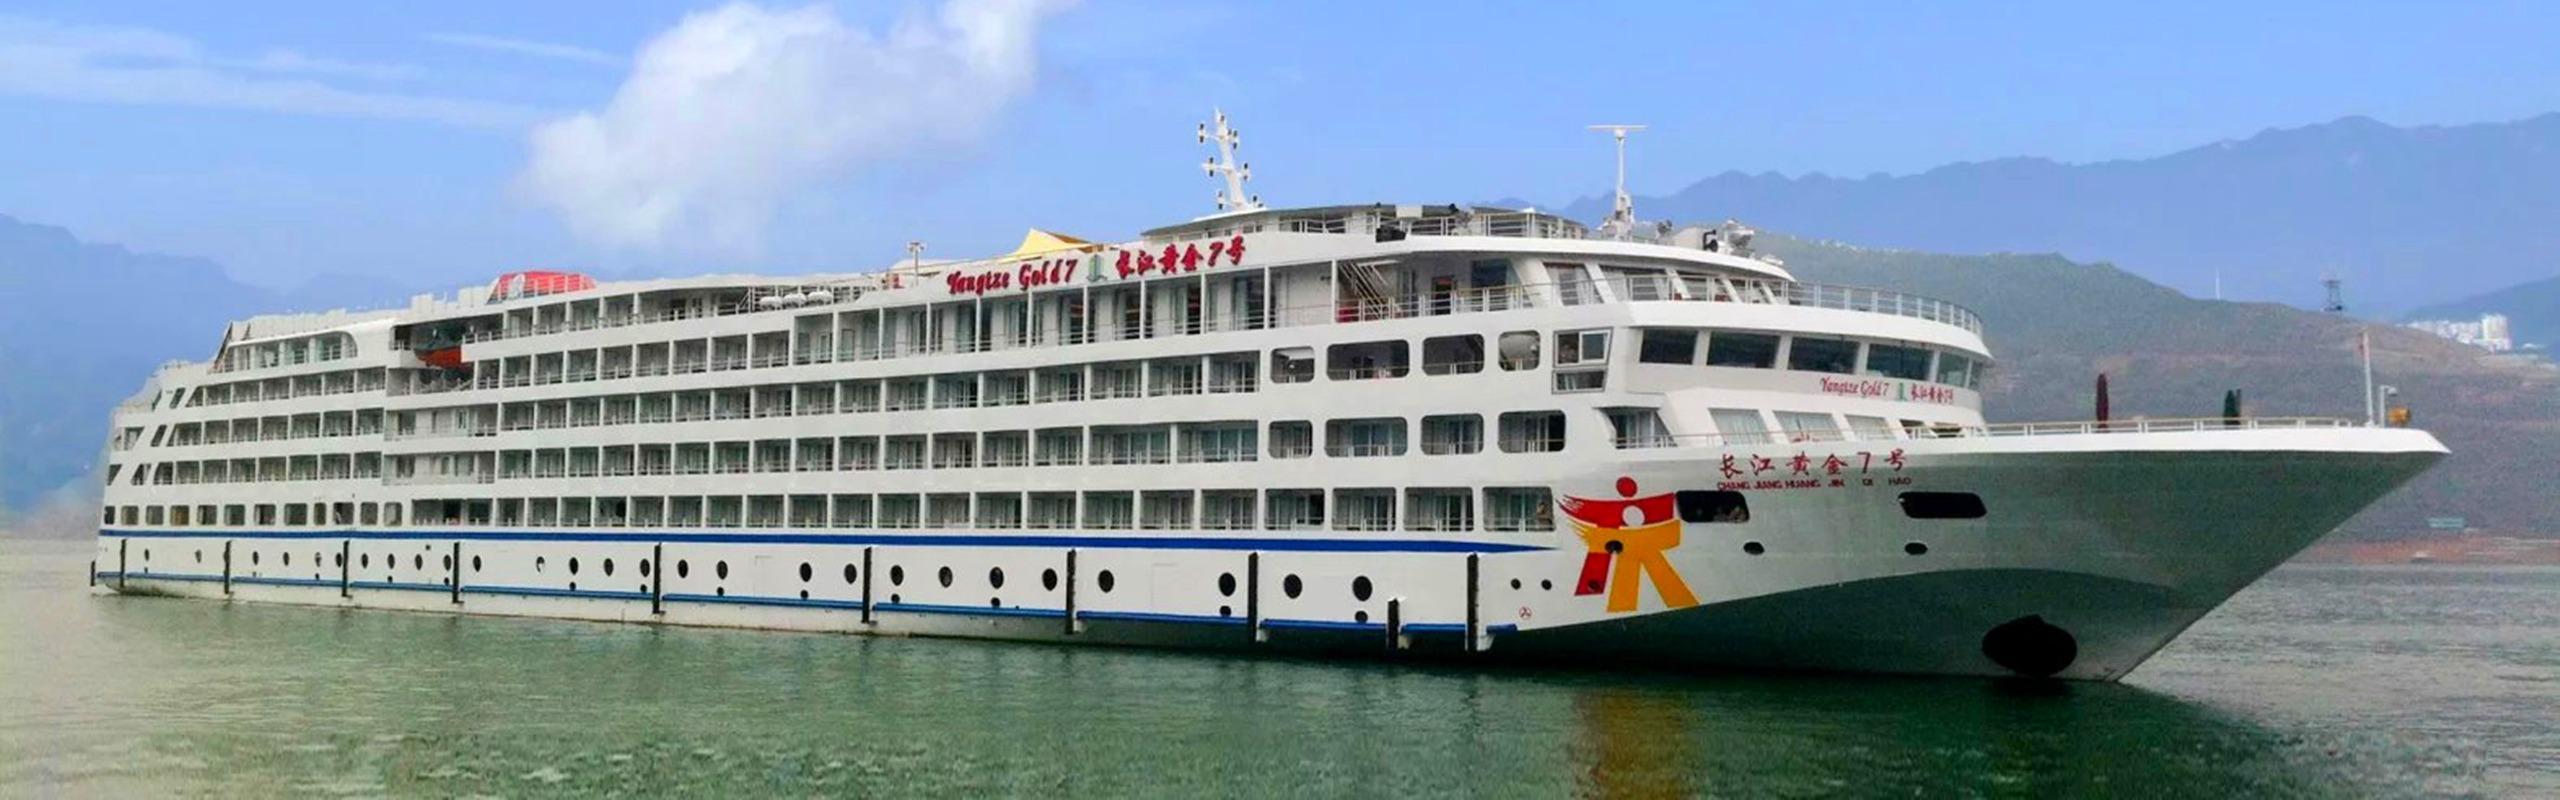 Yangtze Gold 7 Cruise